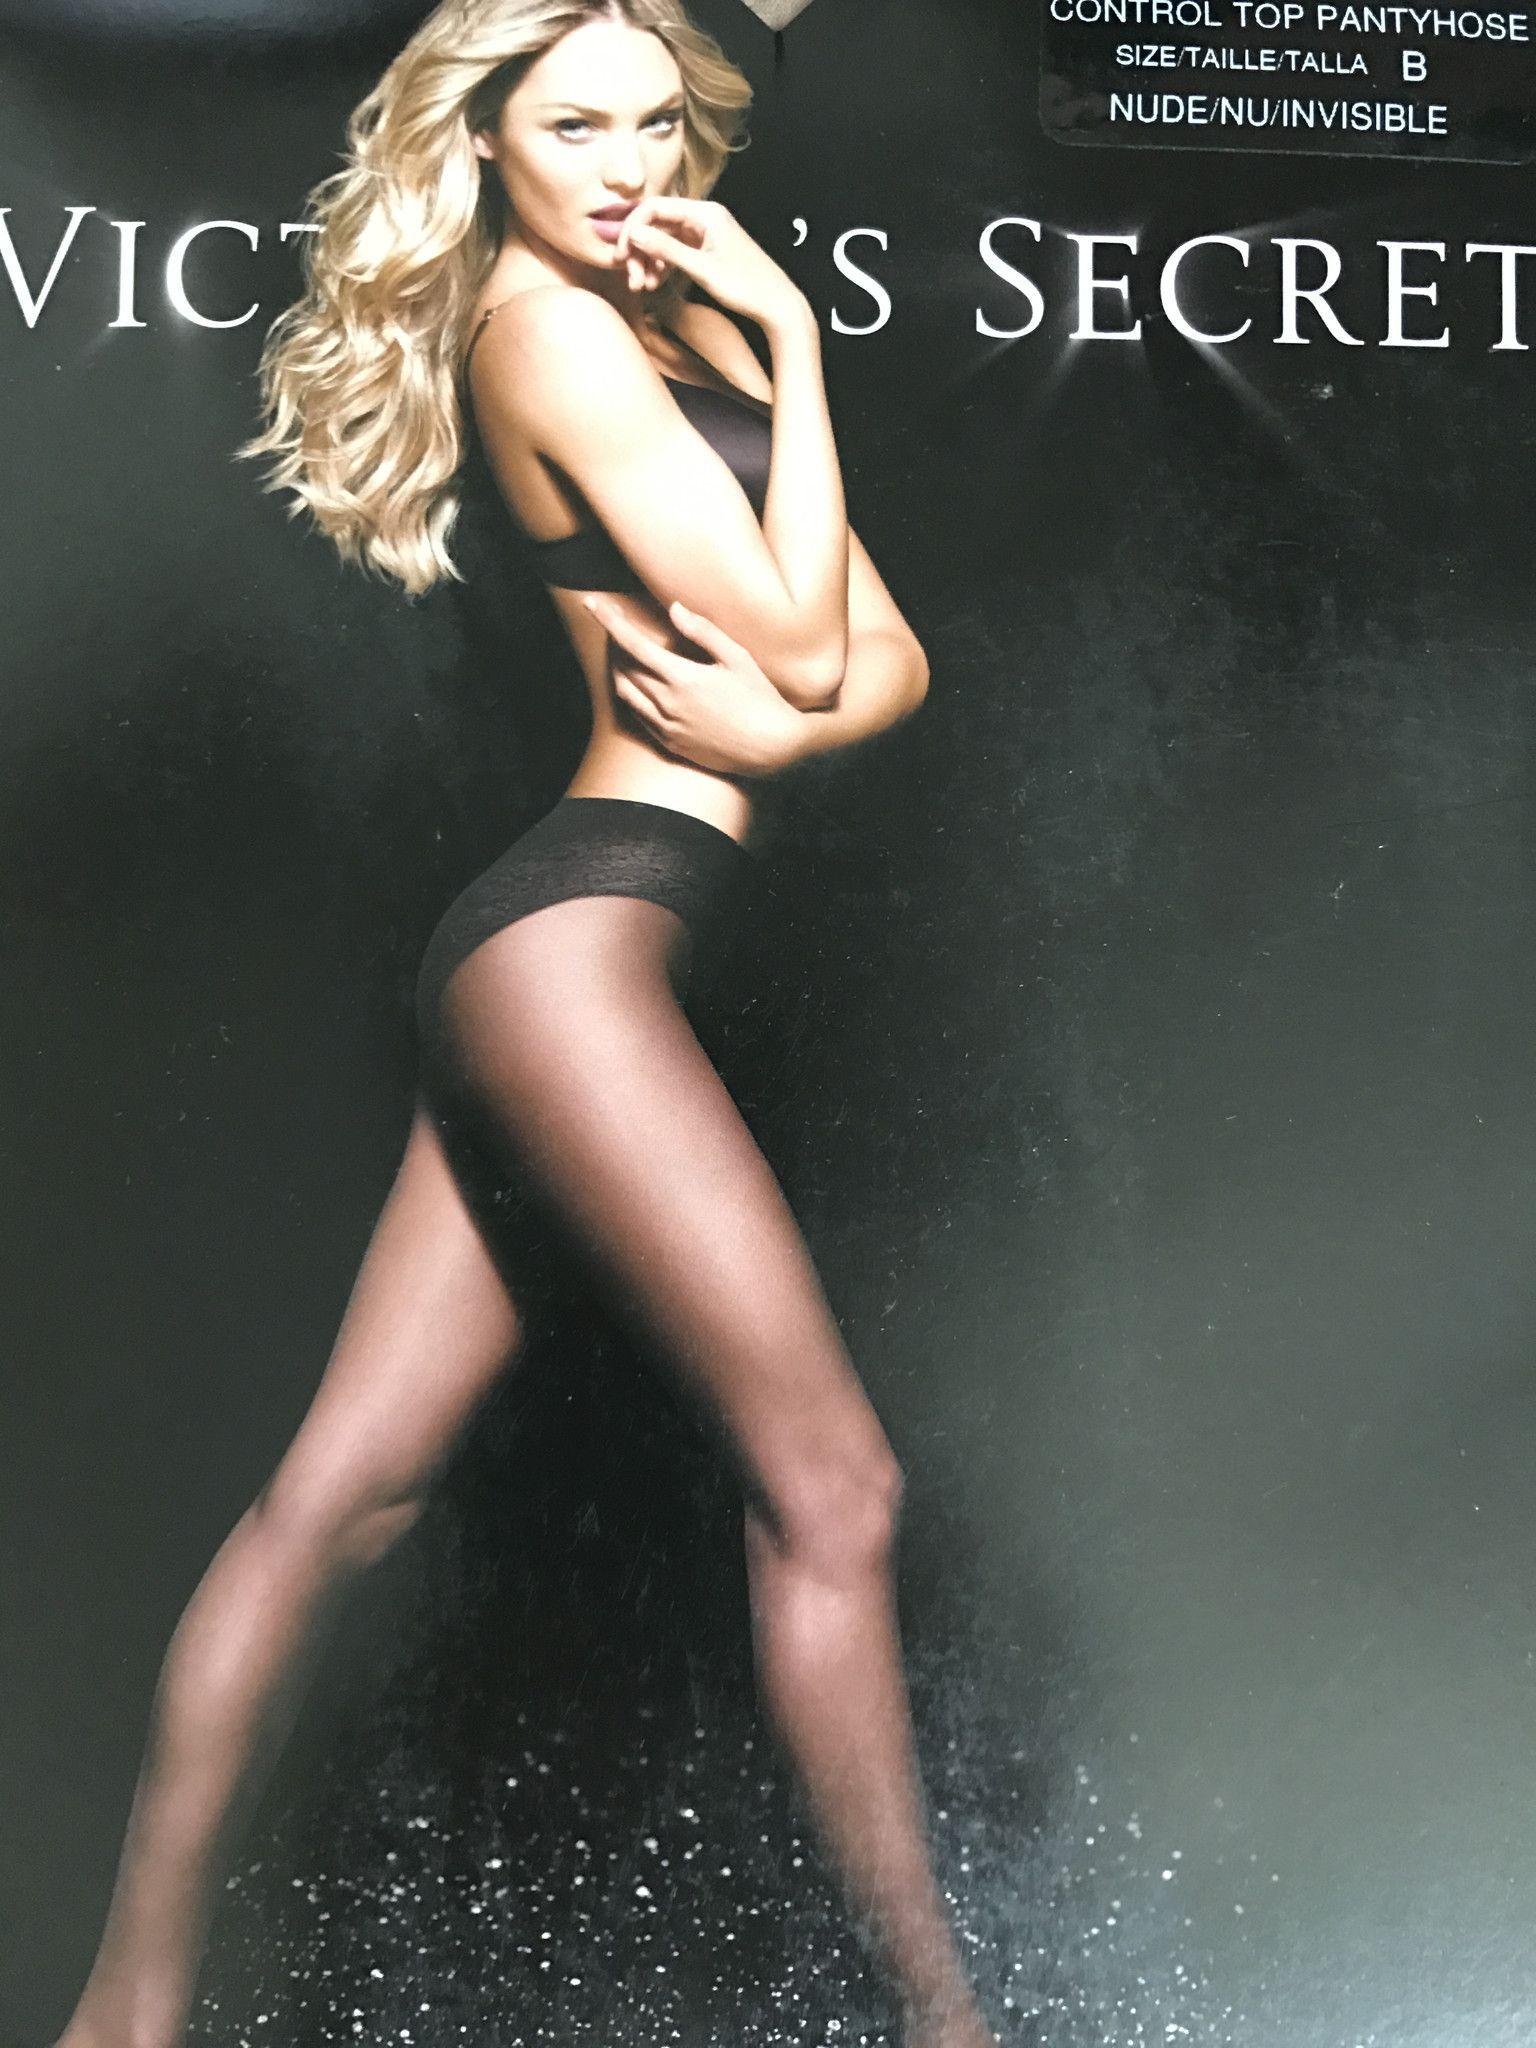 Victoria's Secret Nude Control Top Pantyhose